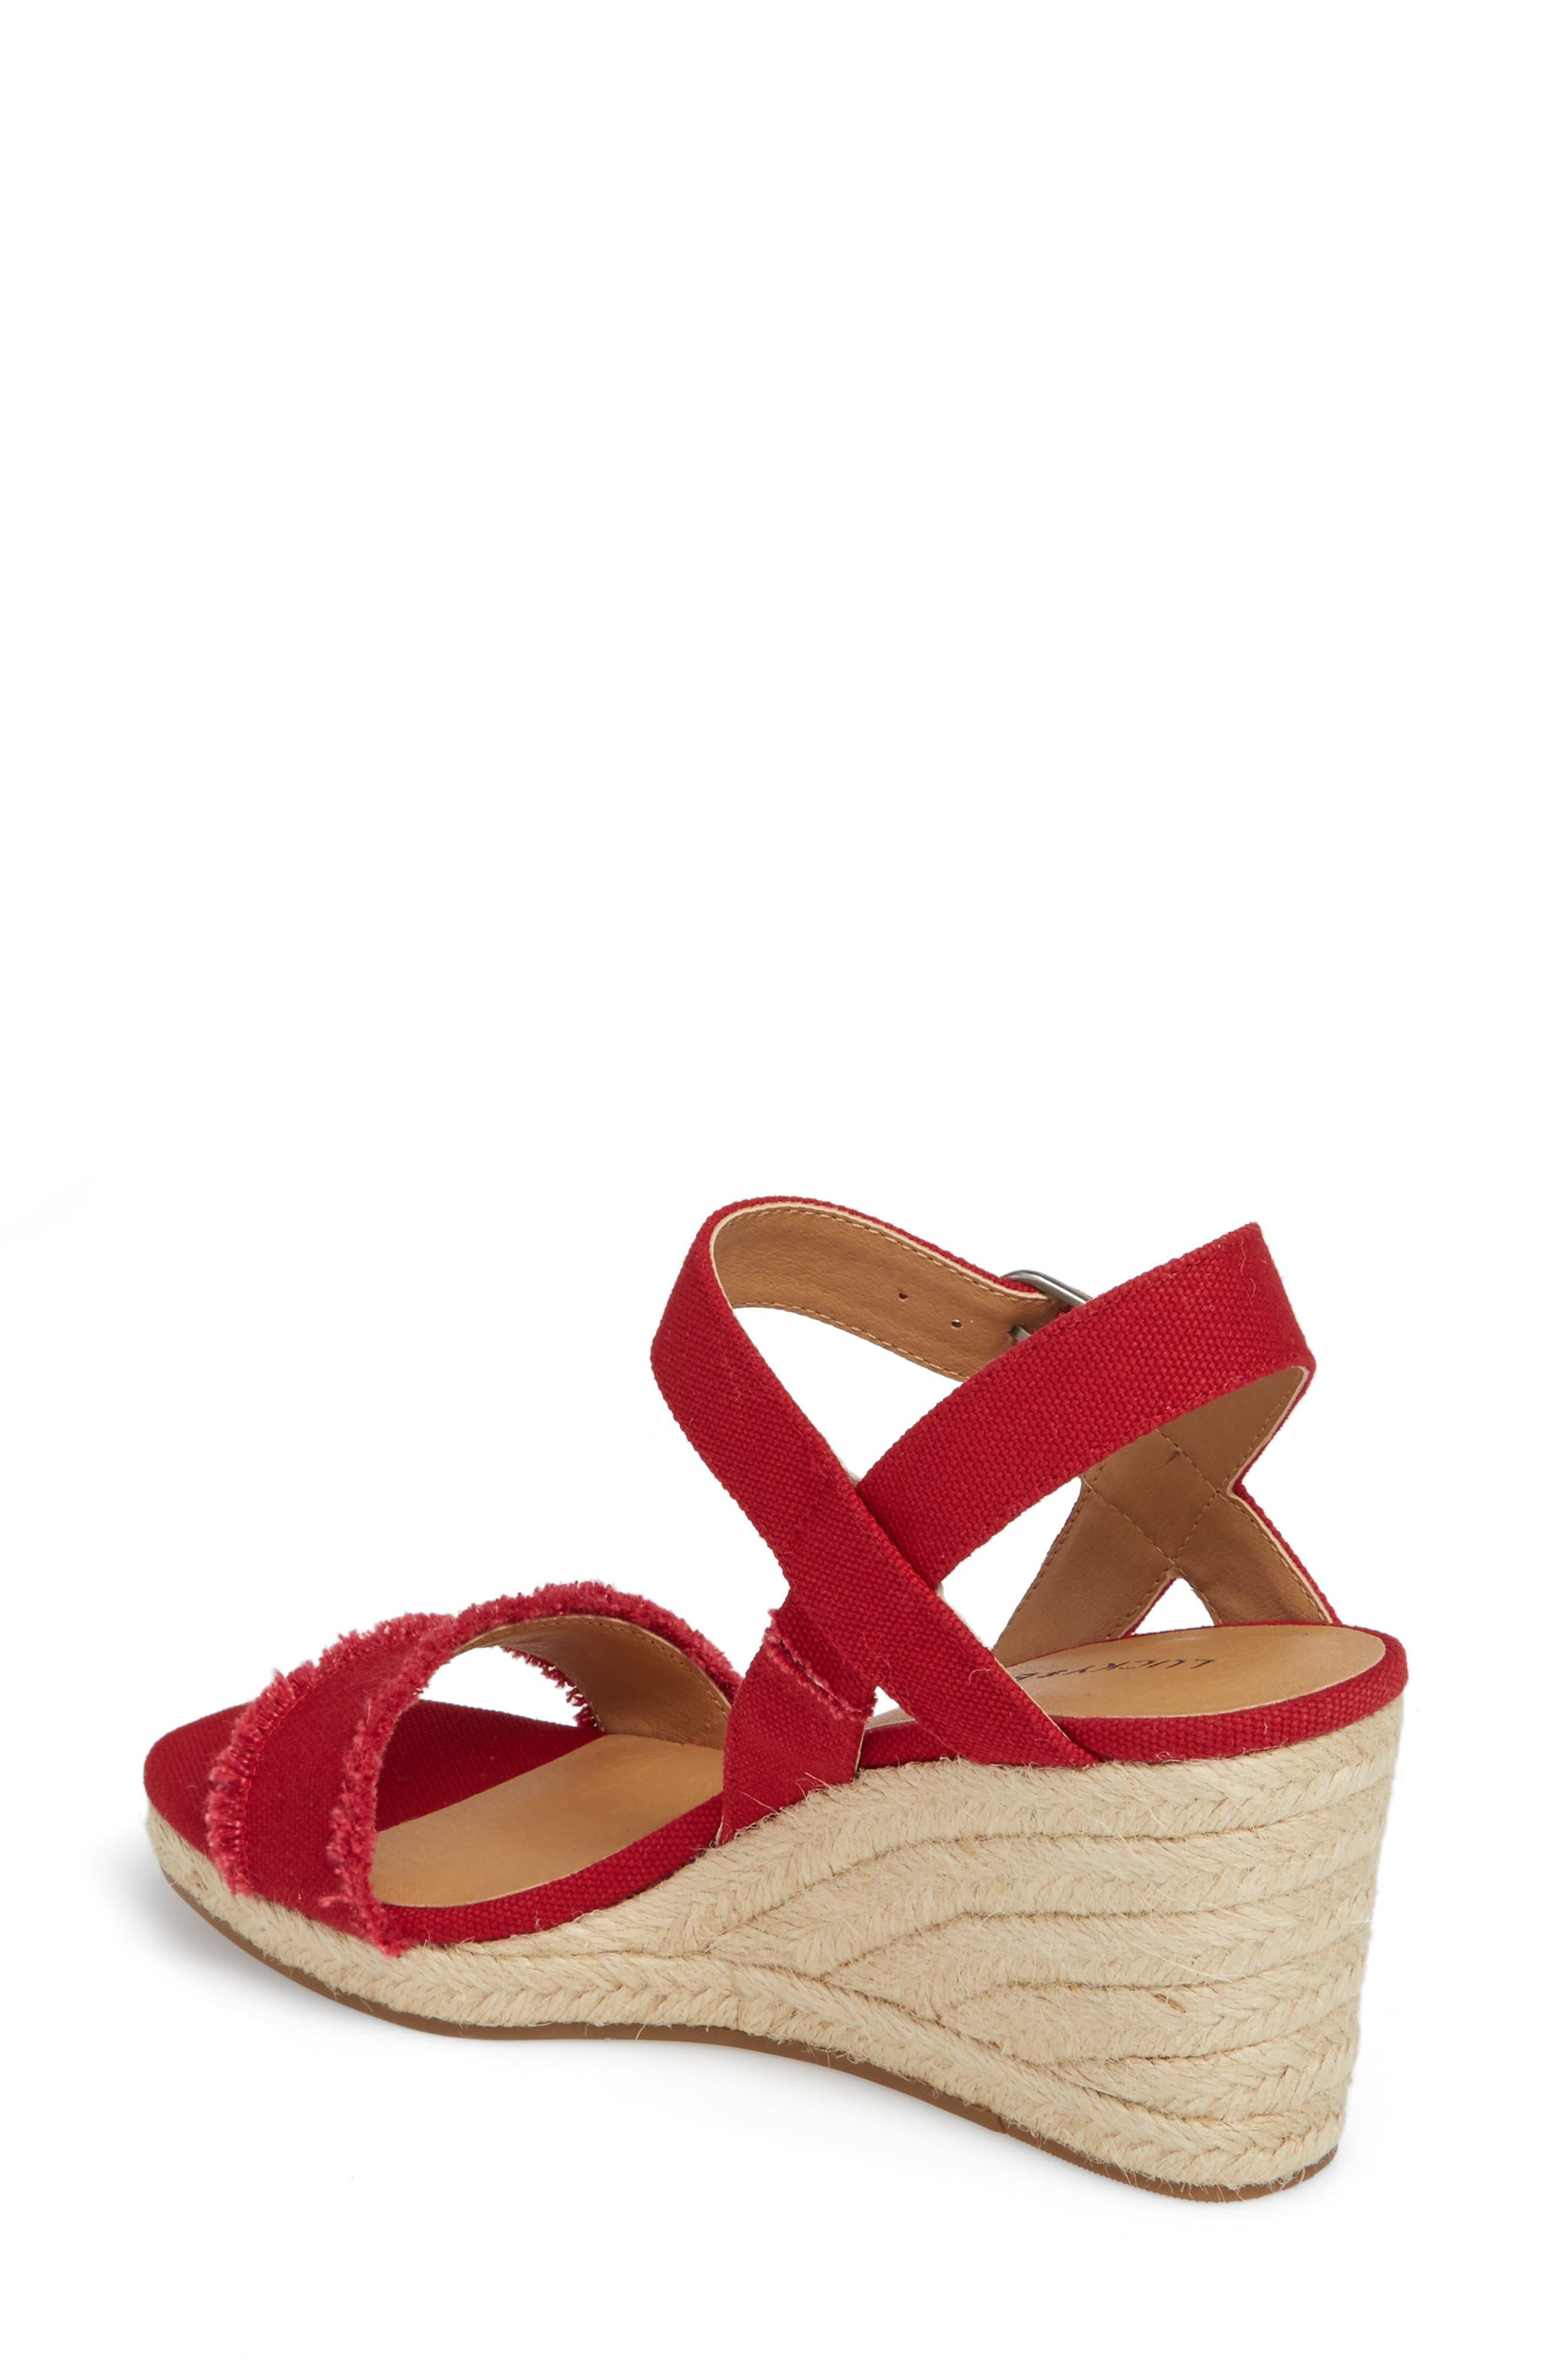 Marceline Squared Toe Wedge Sandal,                             Alternate thumbnail 14, color,